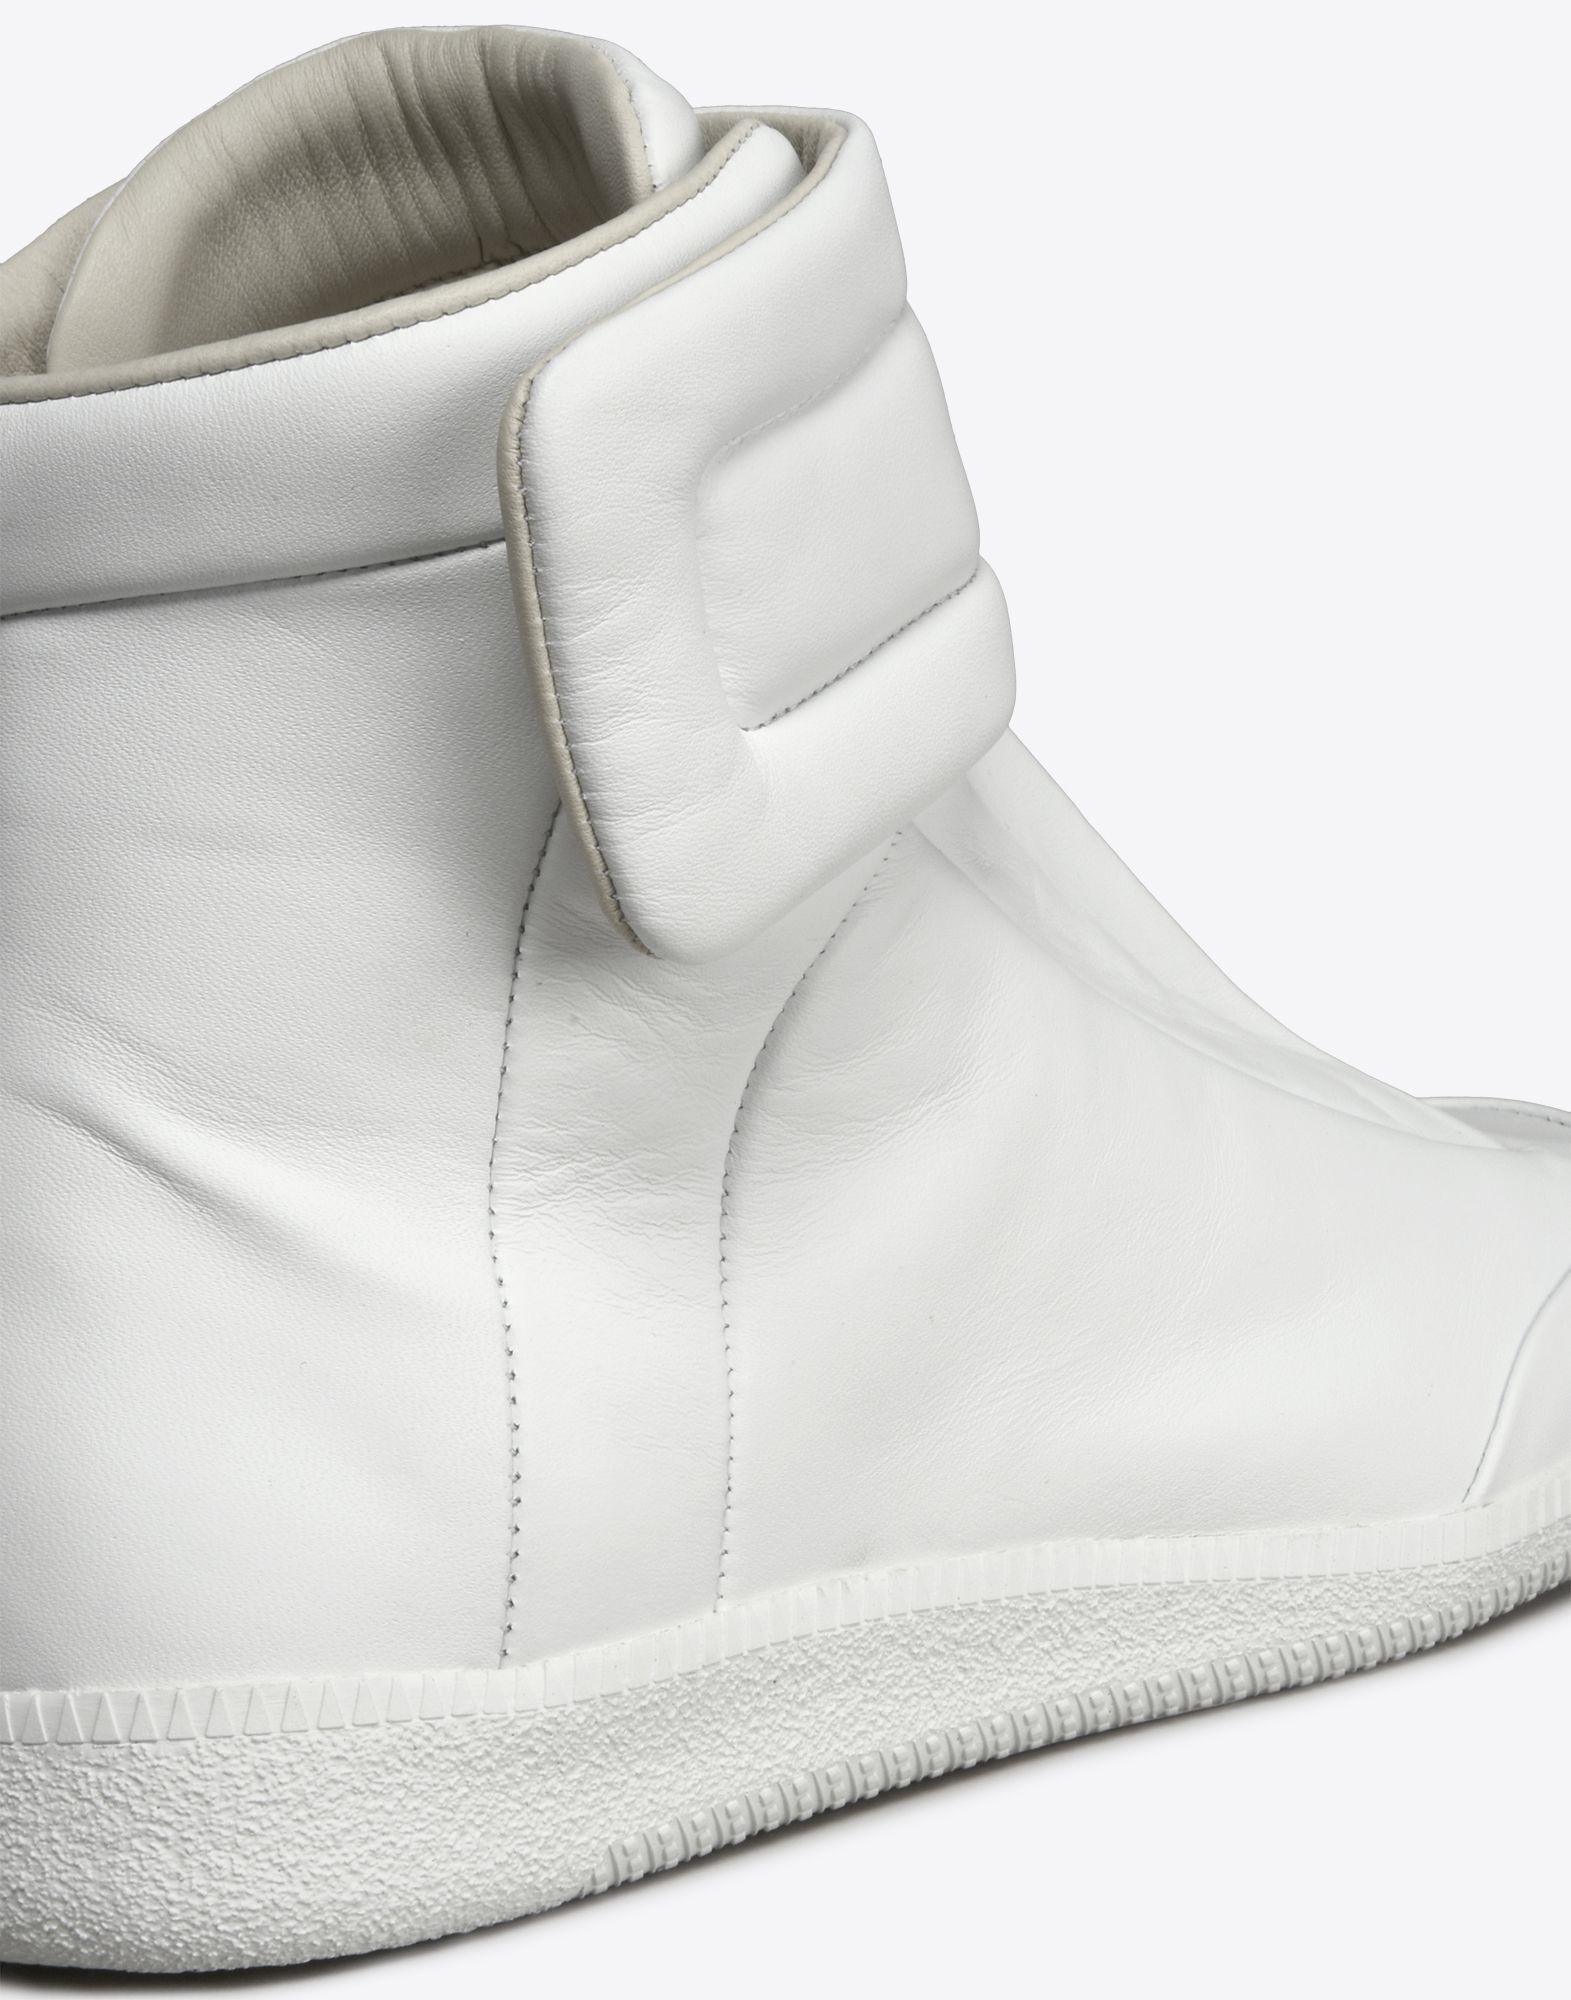 MAISON MARGIELA 22 Baskets 'Future' hautes Sneakers Homme a